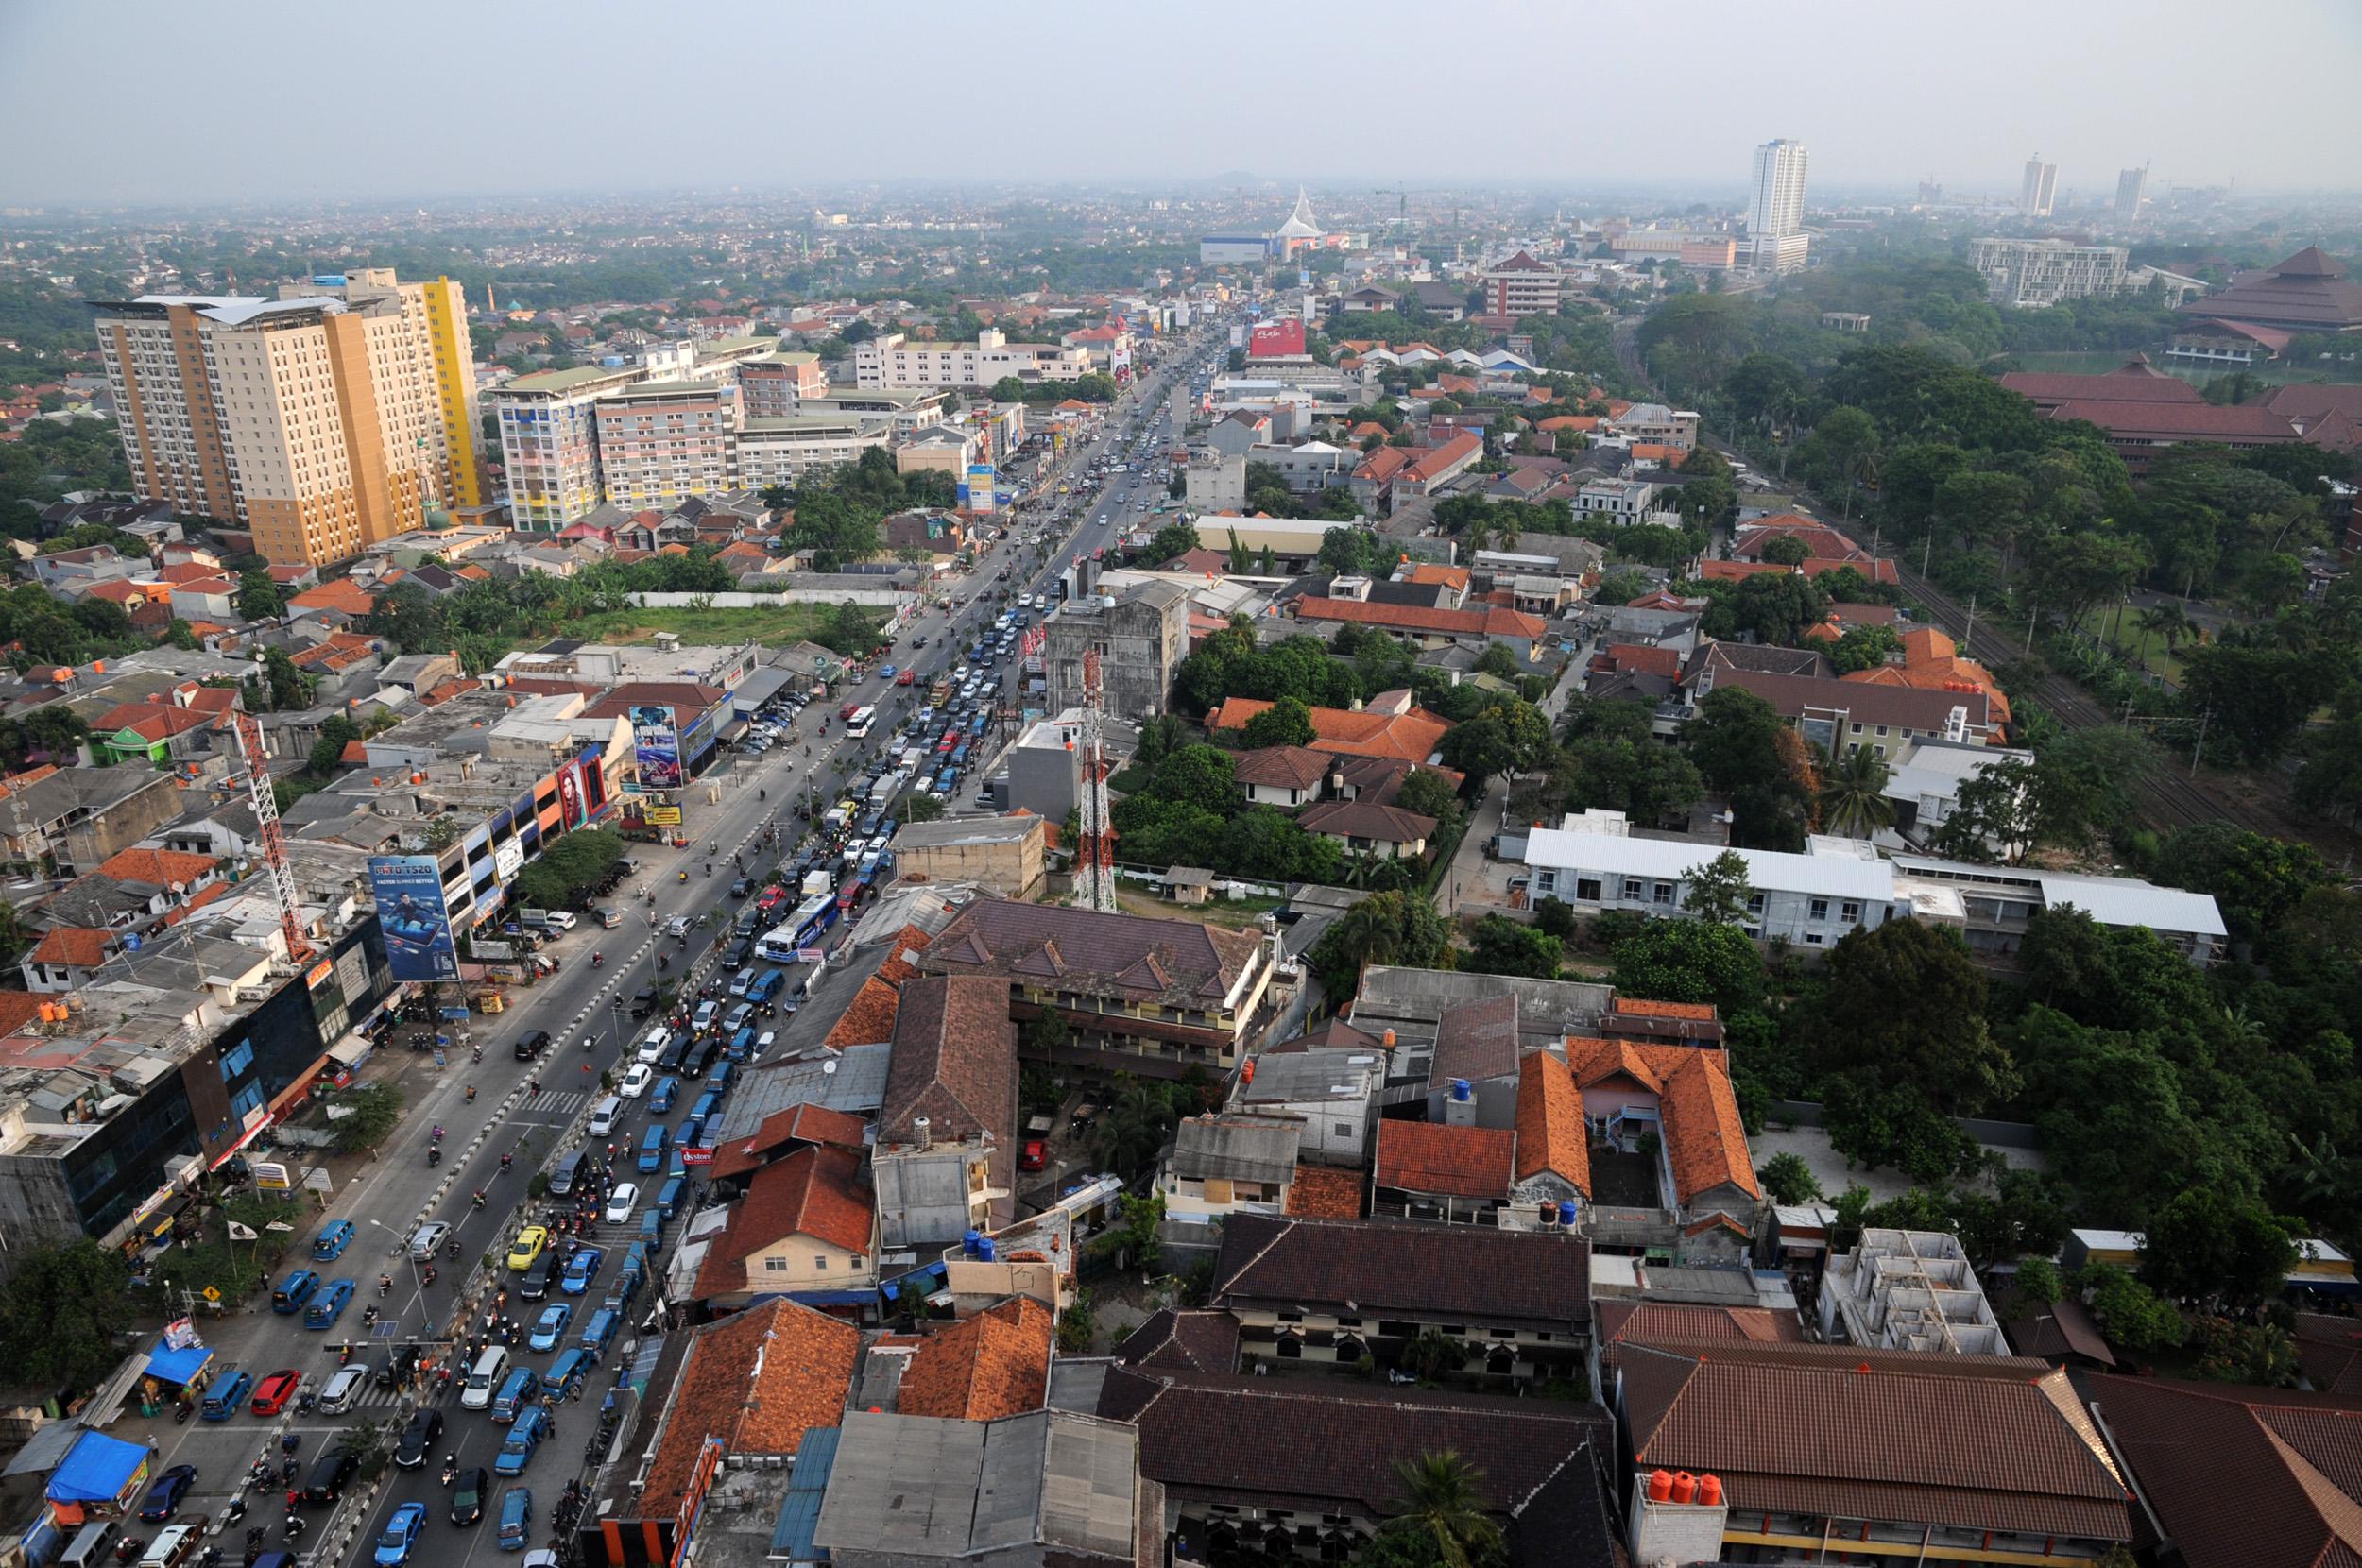 Depok merupakan salah satu kota terbesar di Indonesia yang juga merupakan kota penyangga Jakarta